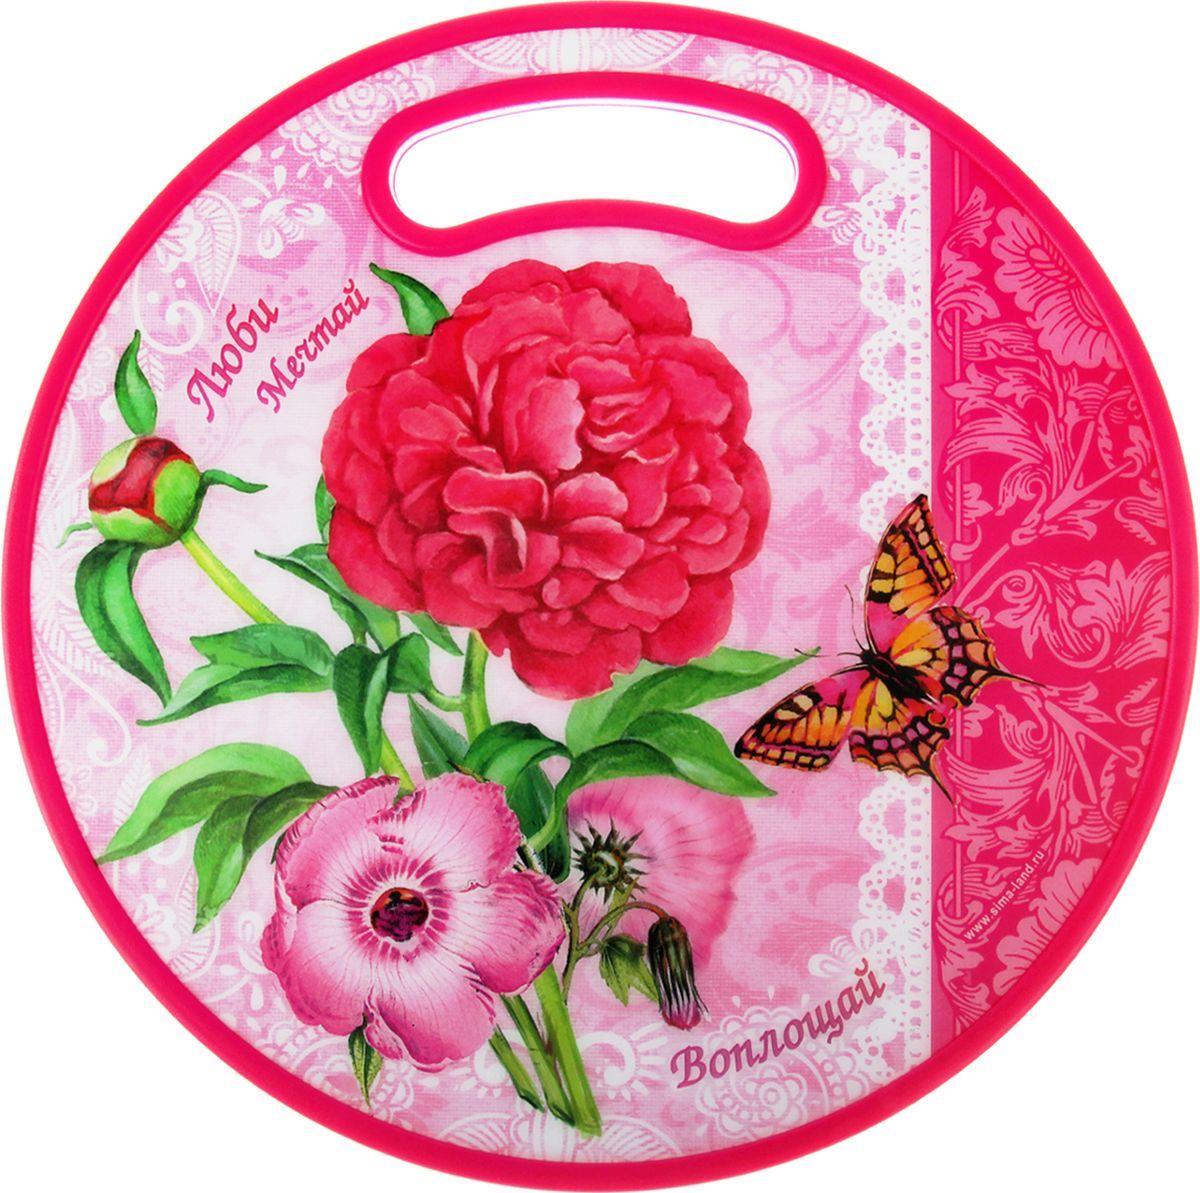 Доска разделочная Доляна Люби, мечтай, цвет: розовый, диаметр 30 см868559Это один из самых необходимых предметов на кухне, без нее трудно обойтись при приготовлении пищи. Но кроме своей необходимости, она может приносить и эстетическое удовольствие, украшая собой интерьер кухни. Двухслойная доска из дерева - приятный и функциональный подарок для тех, кто любит готовить.